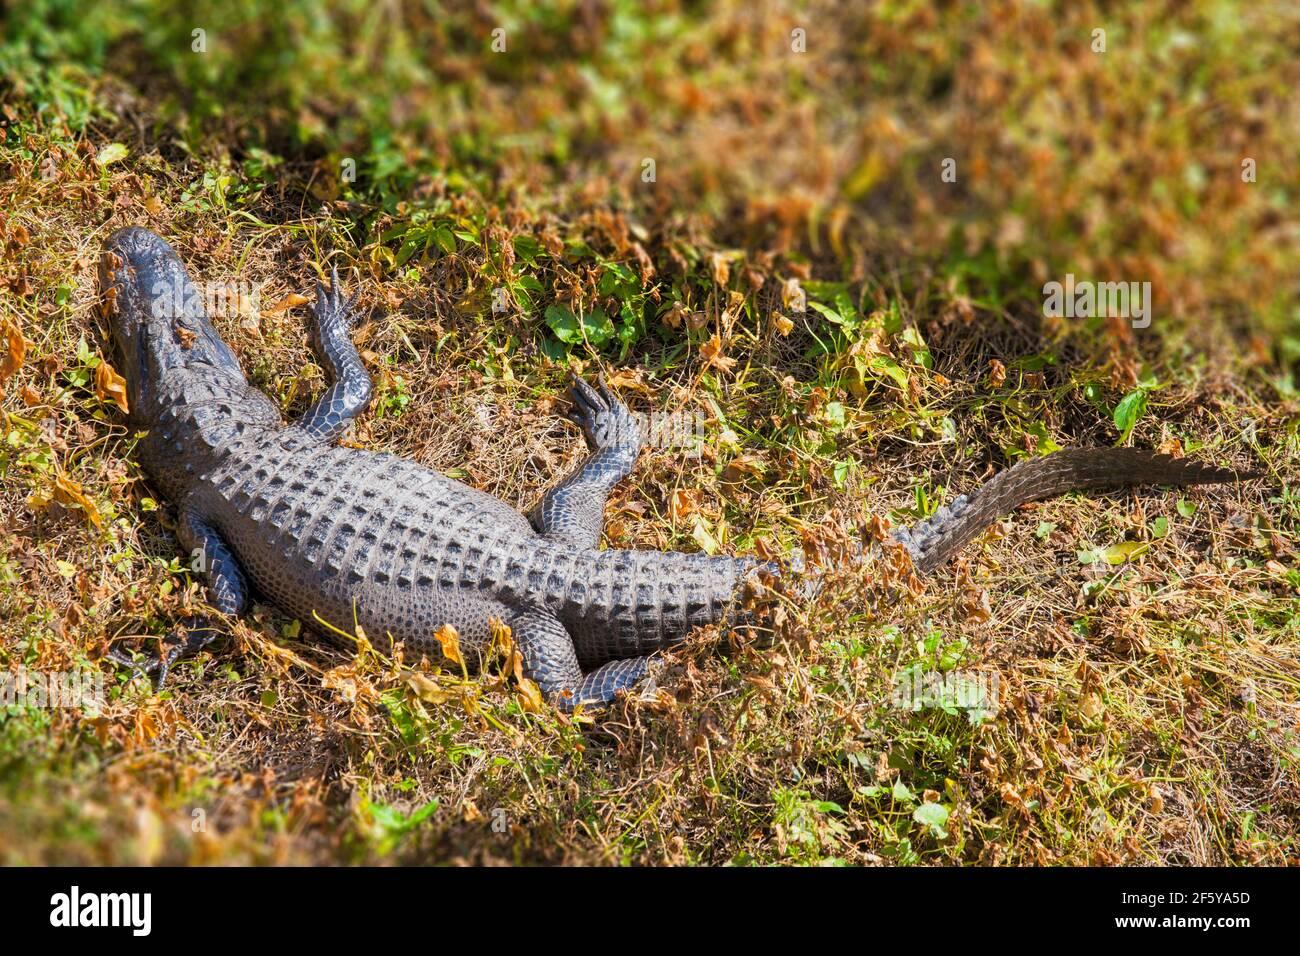 Un alligator vu depuis la Tour d'observation de Shark Valley, dans le parc national des Everglades, en Floride. Banque D'Images